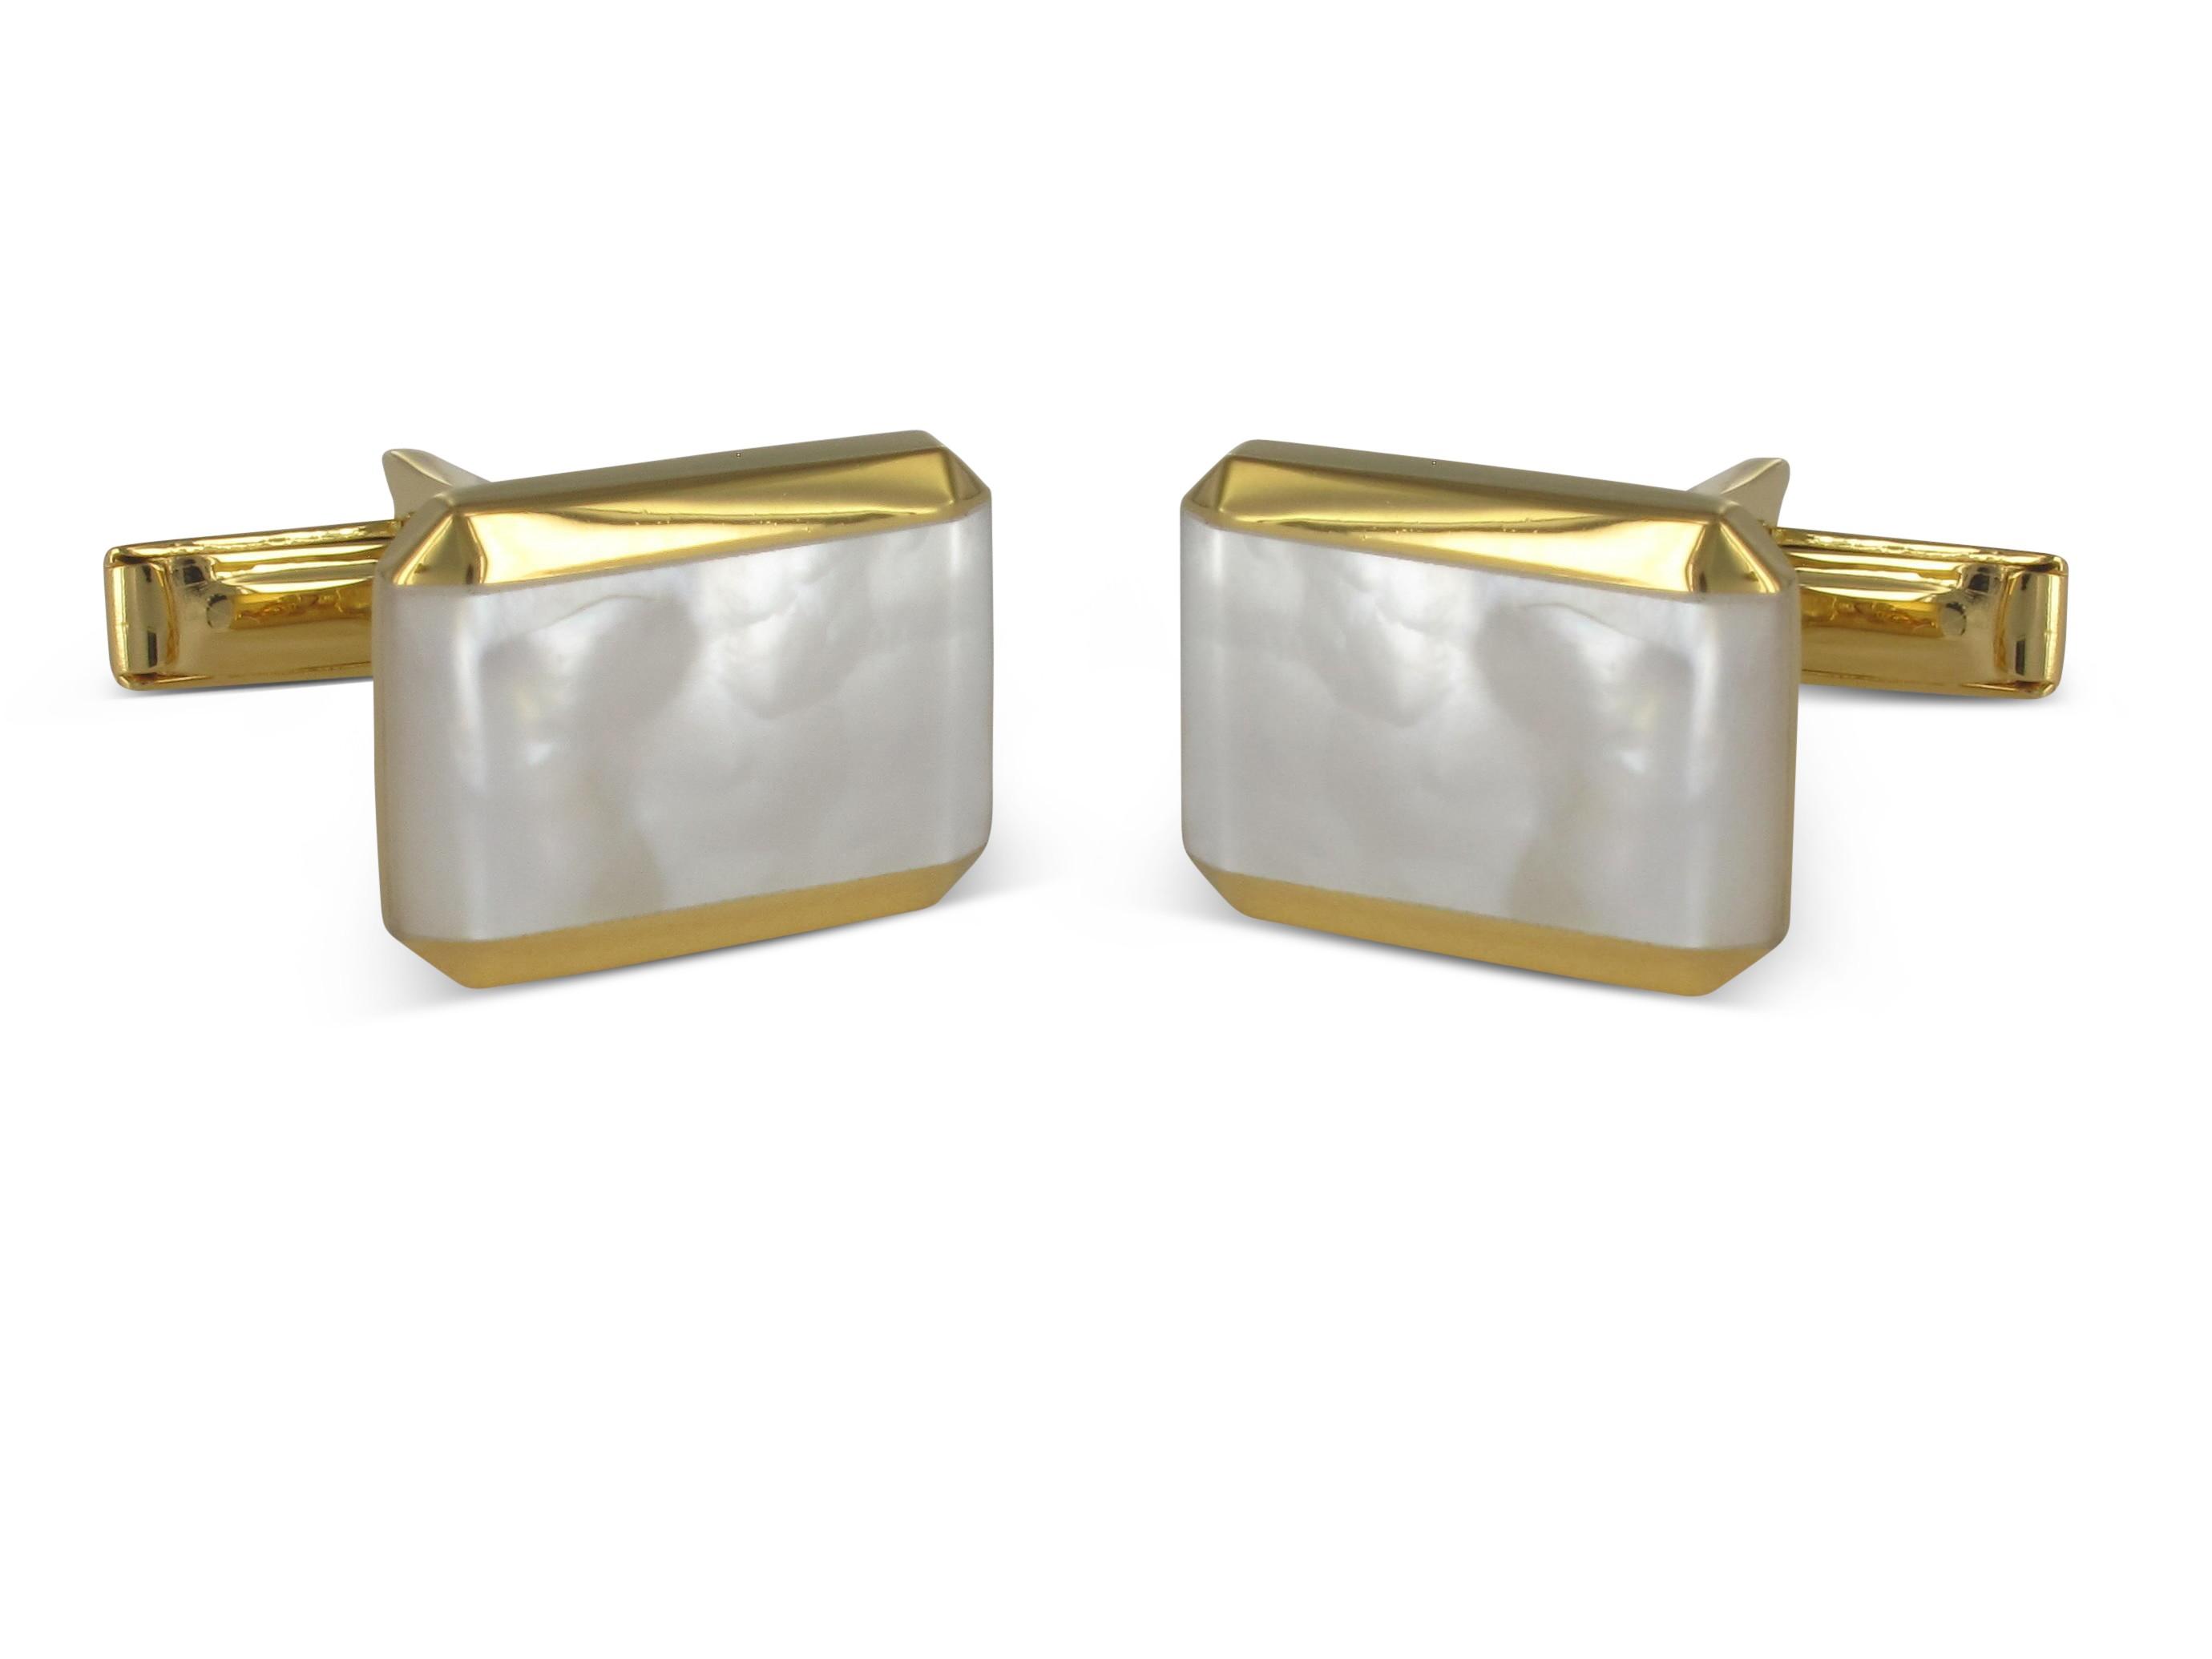 BROOKER Manschettenknöpfe Silber 18 Karat vergoldet Perlmutt-Einlage